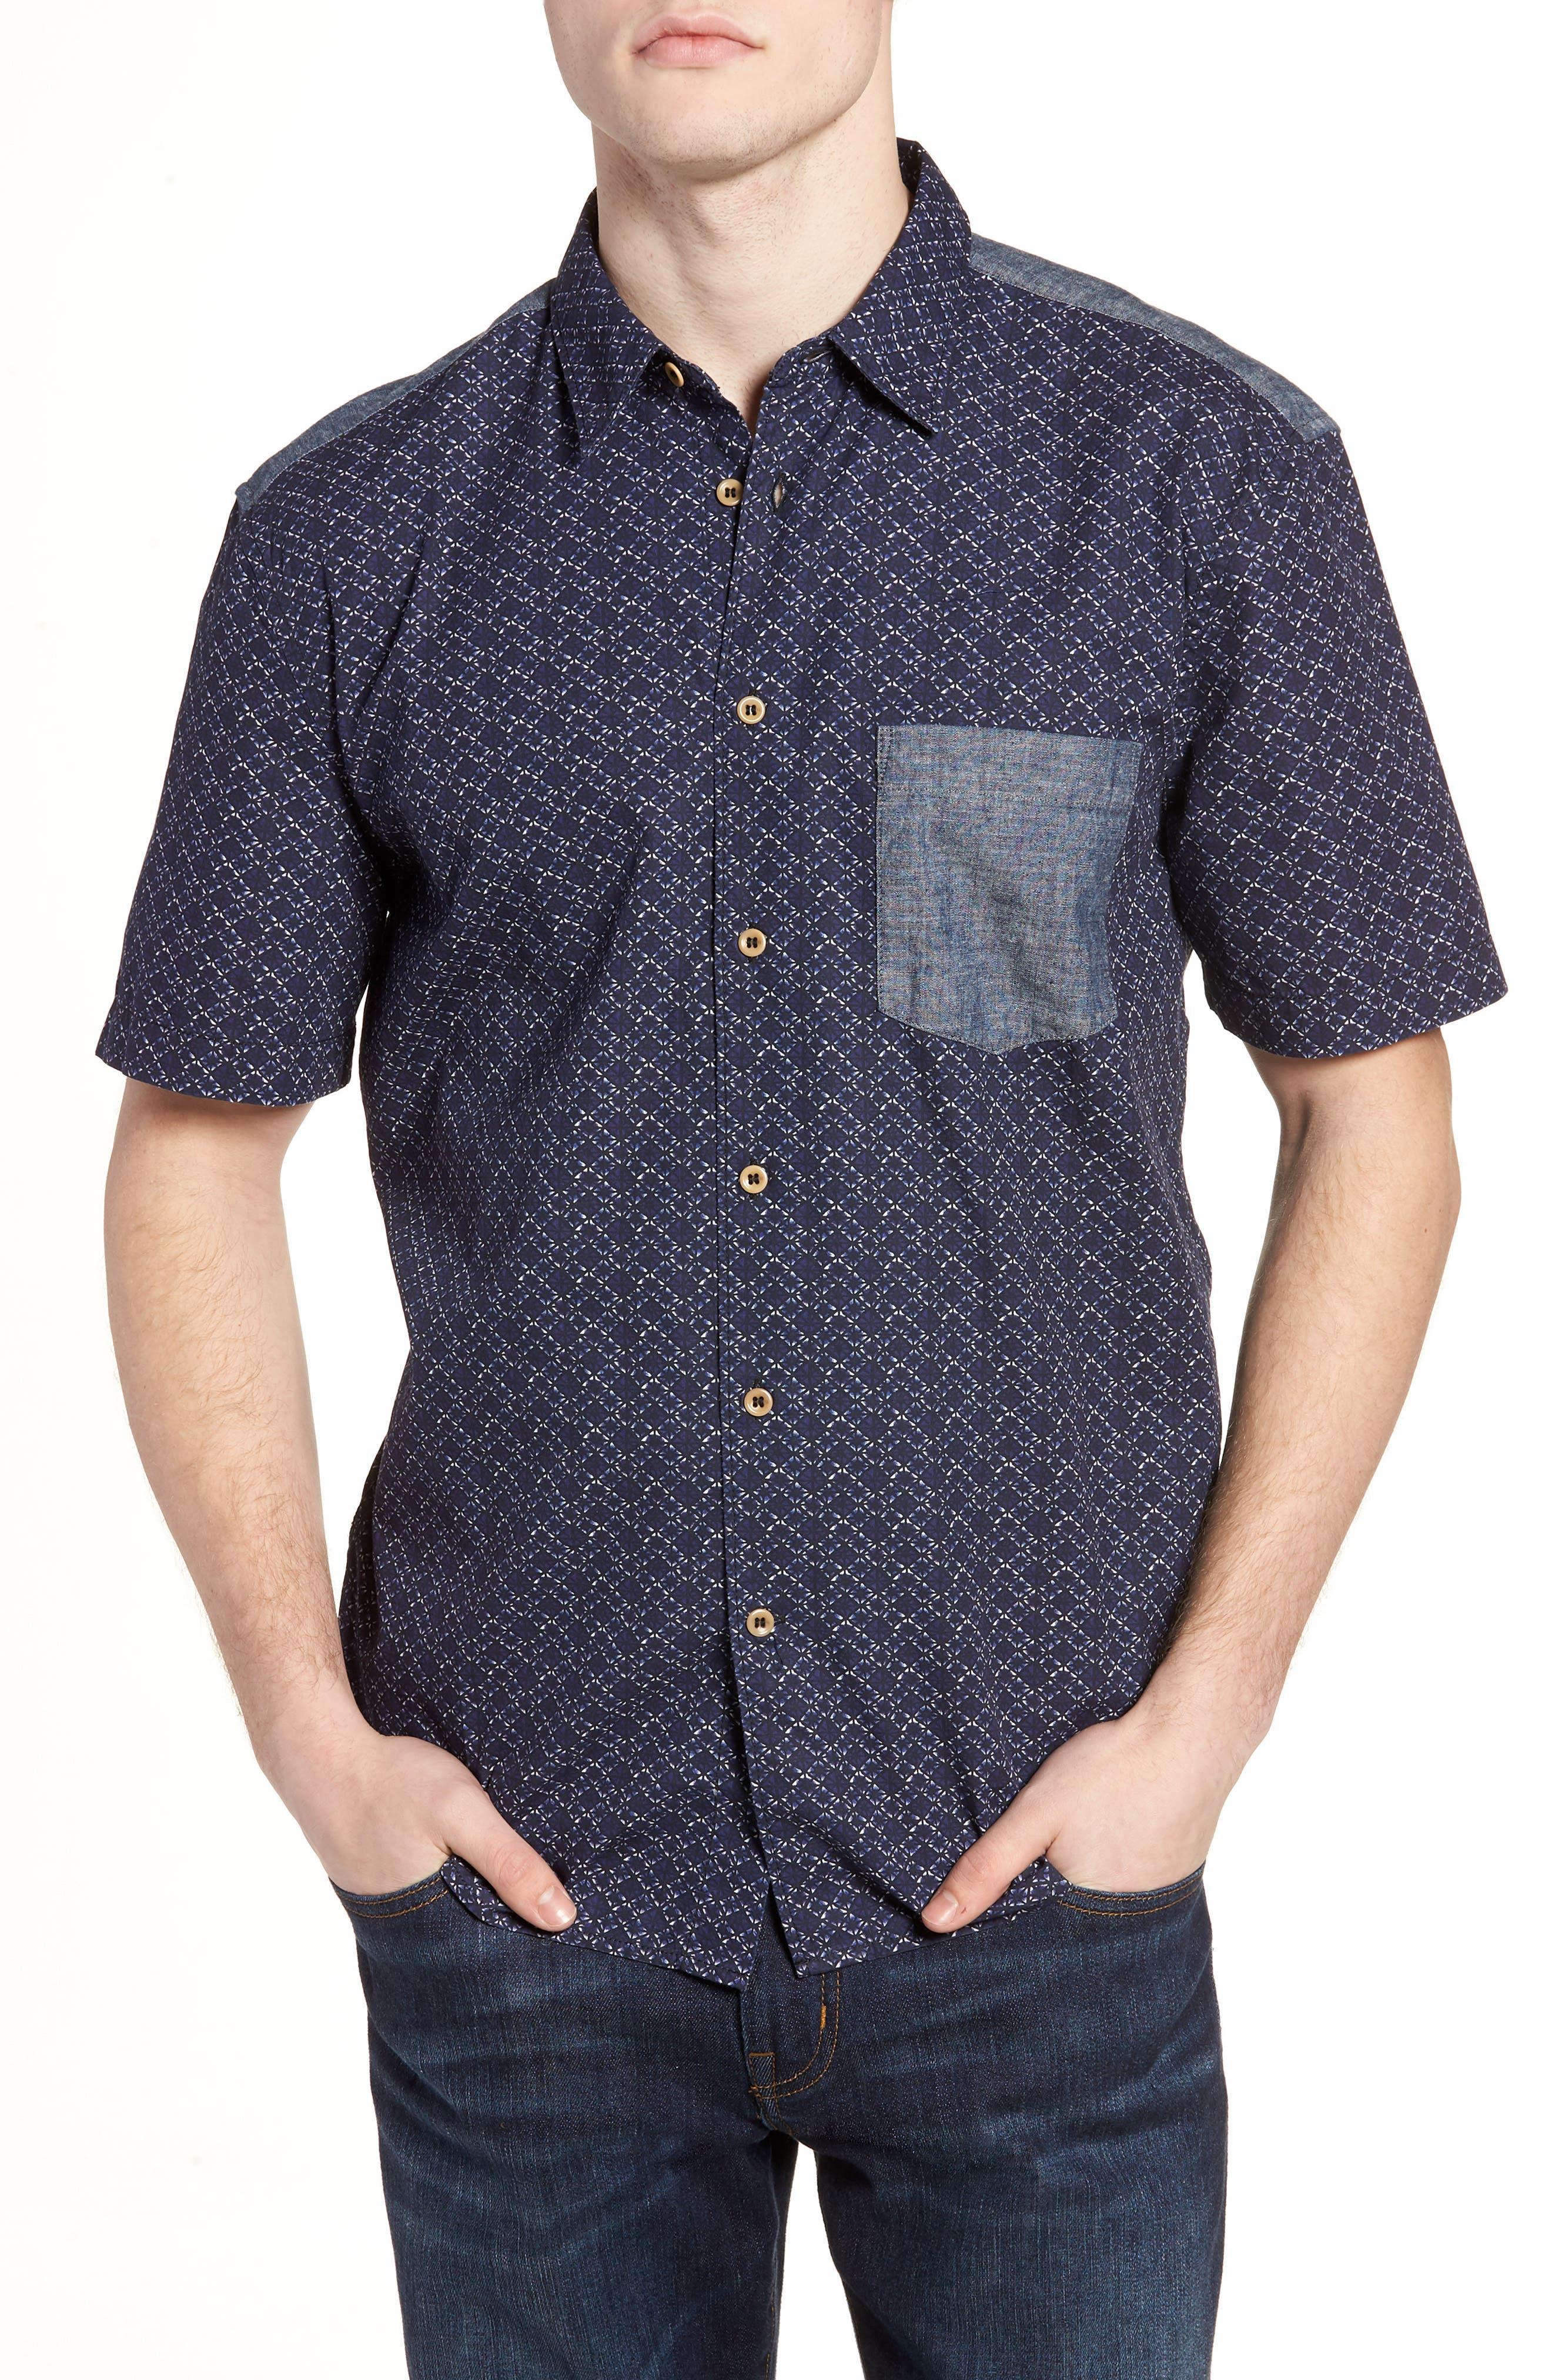 Kast Relaxed Fit Short Sleeve Sport Shirt,                         Main,                         color, Deep Cobalt